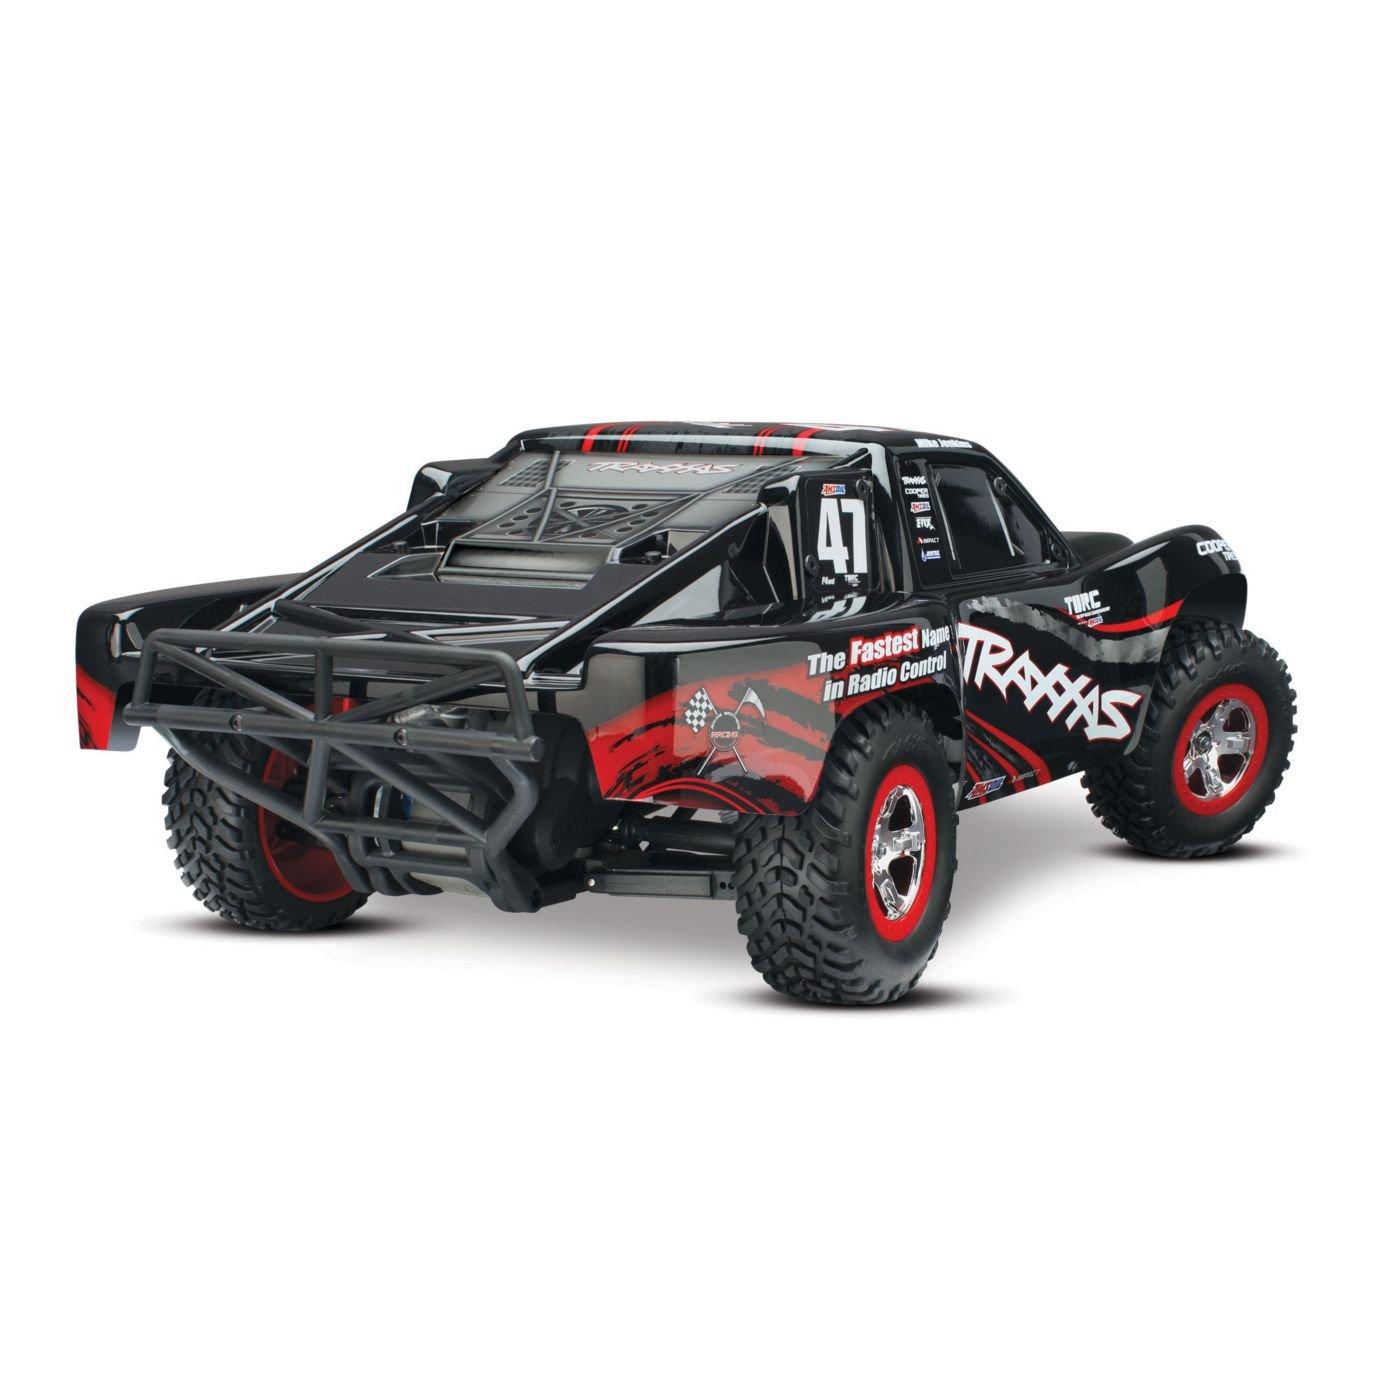 Black Traxxas 58034-1 Short Course Truck